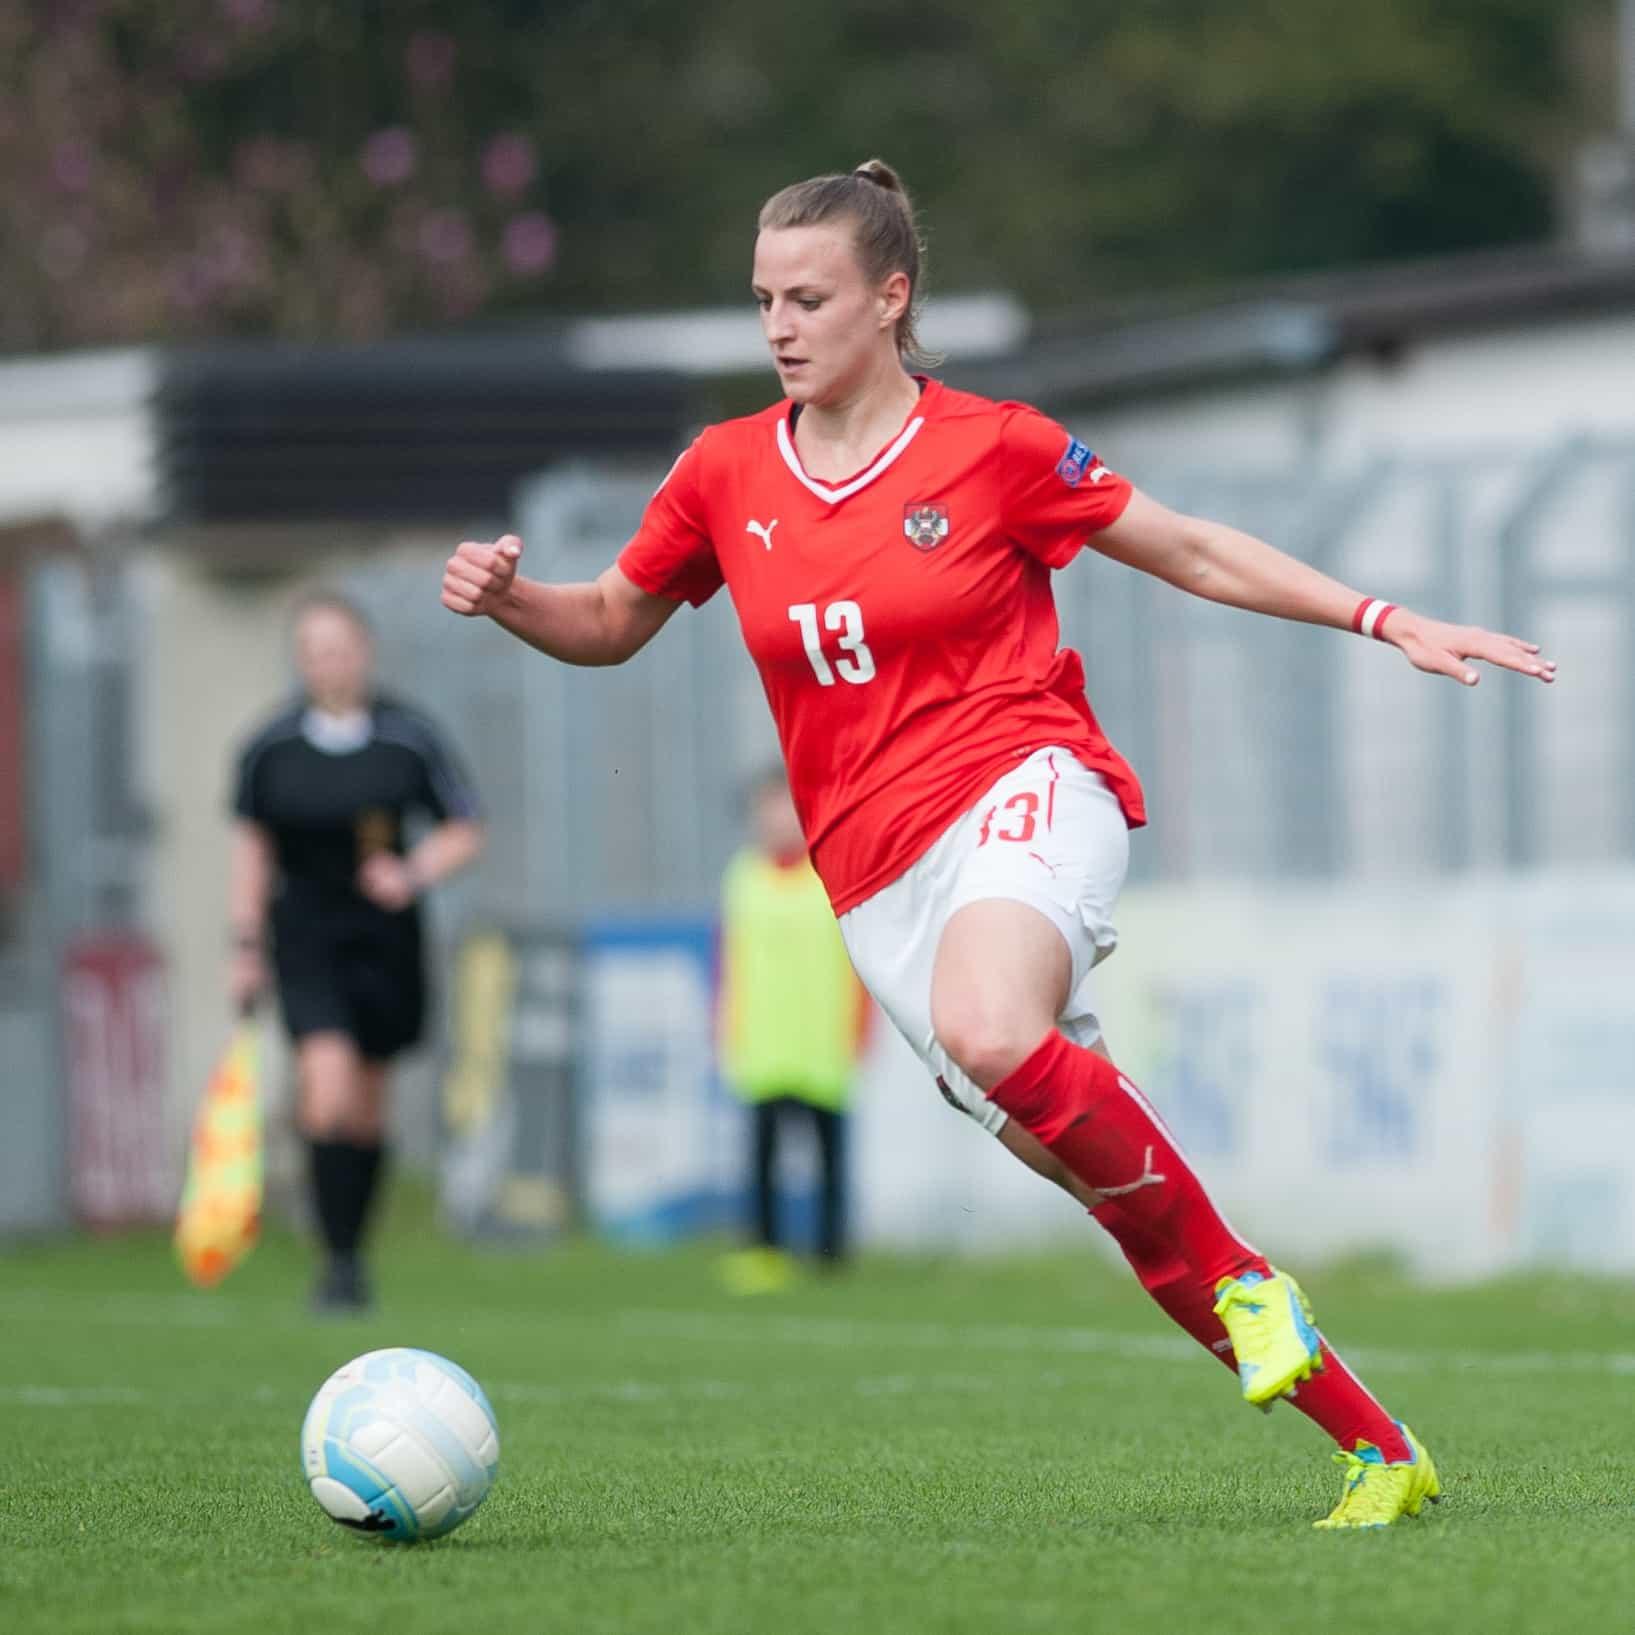 Studentin und Fußballerin Virgina Kirchberger beim Fußballspielen